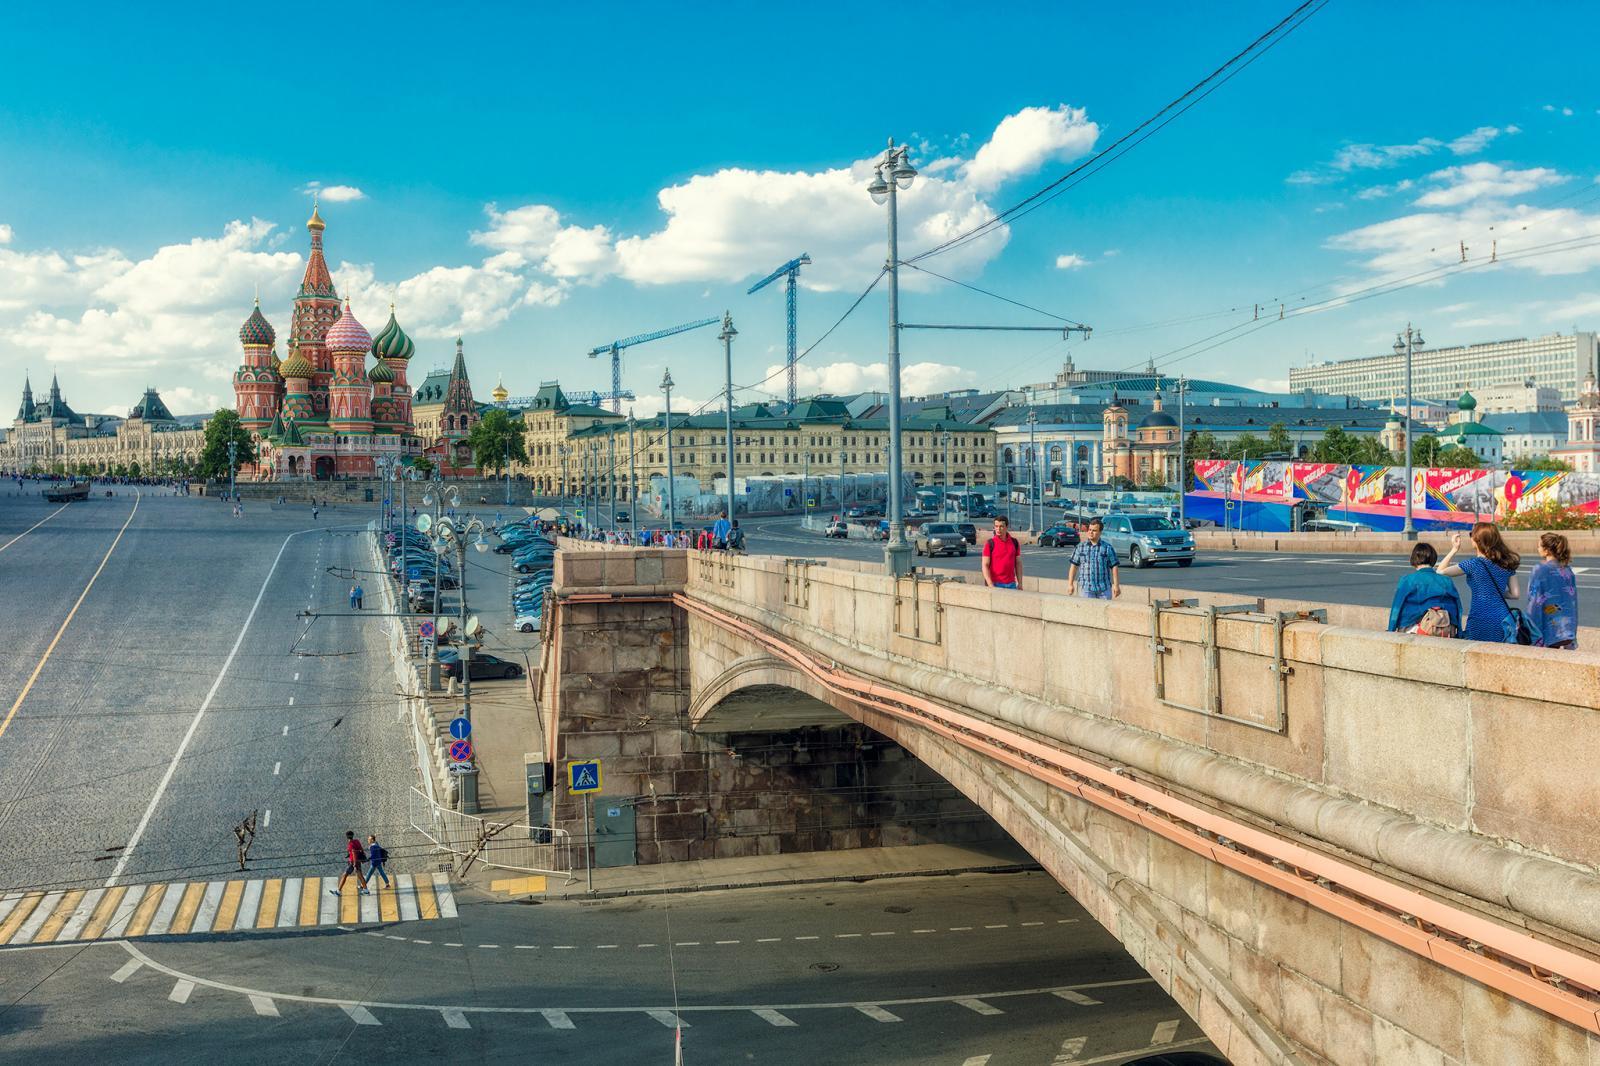 Неизвестные возле Кремля похитили кабель правительственной связи